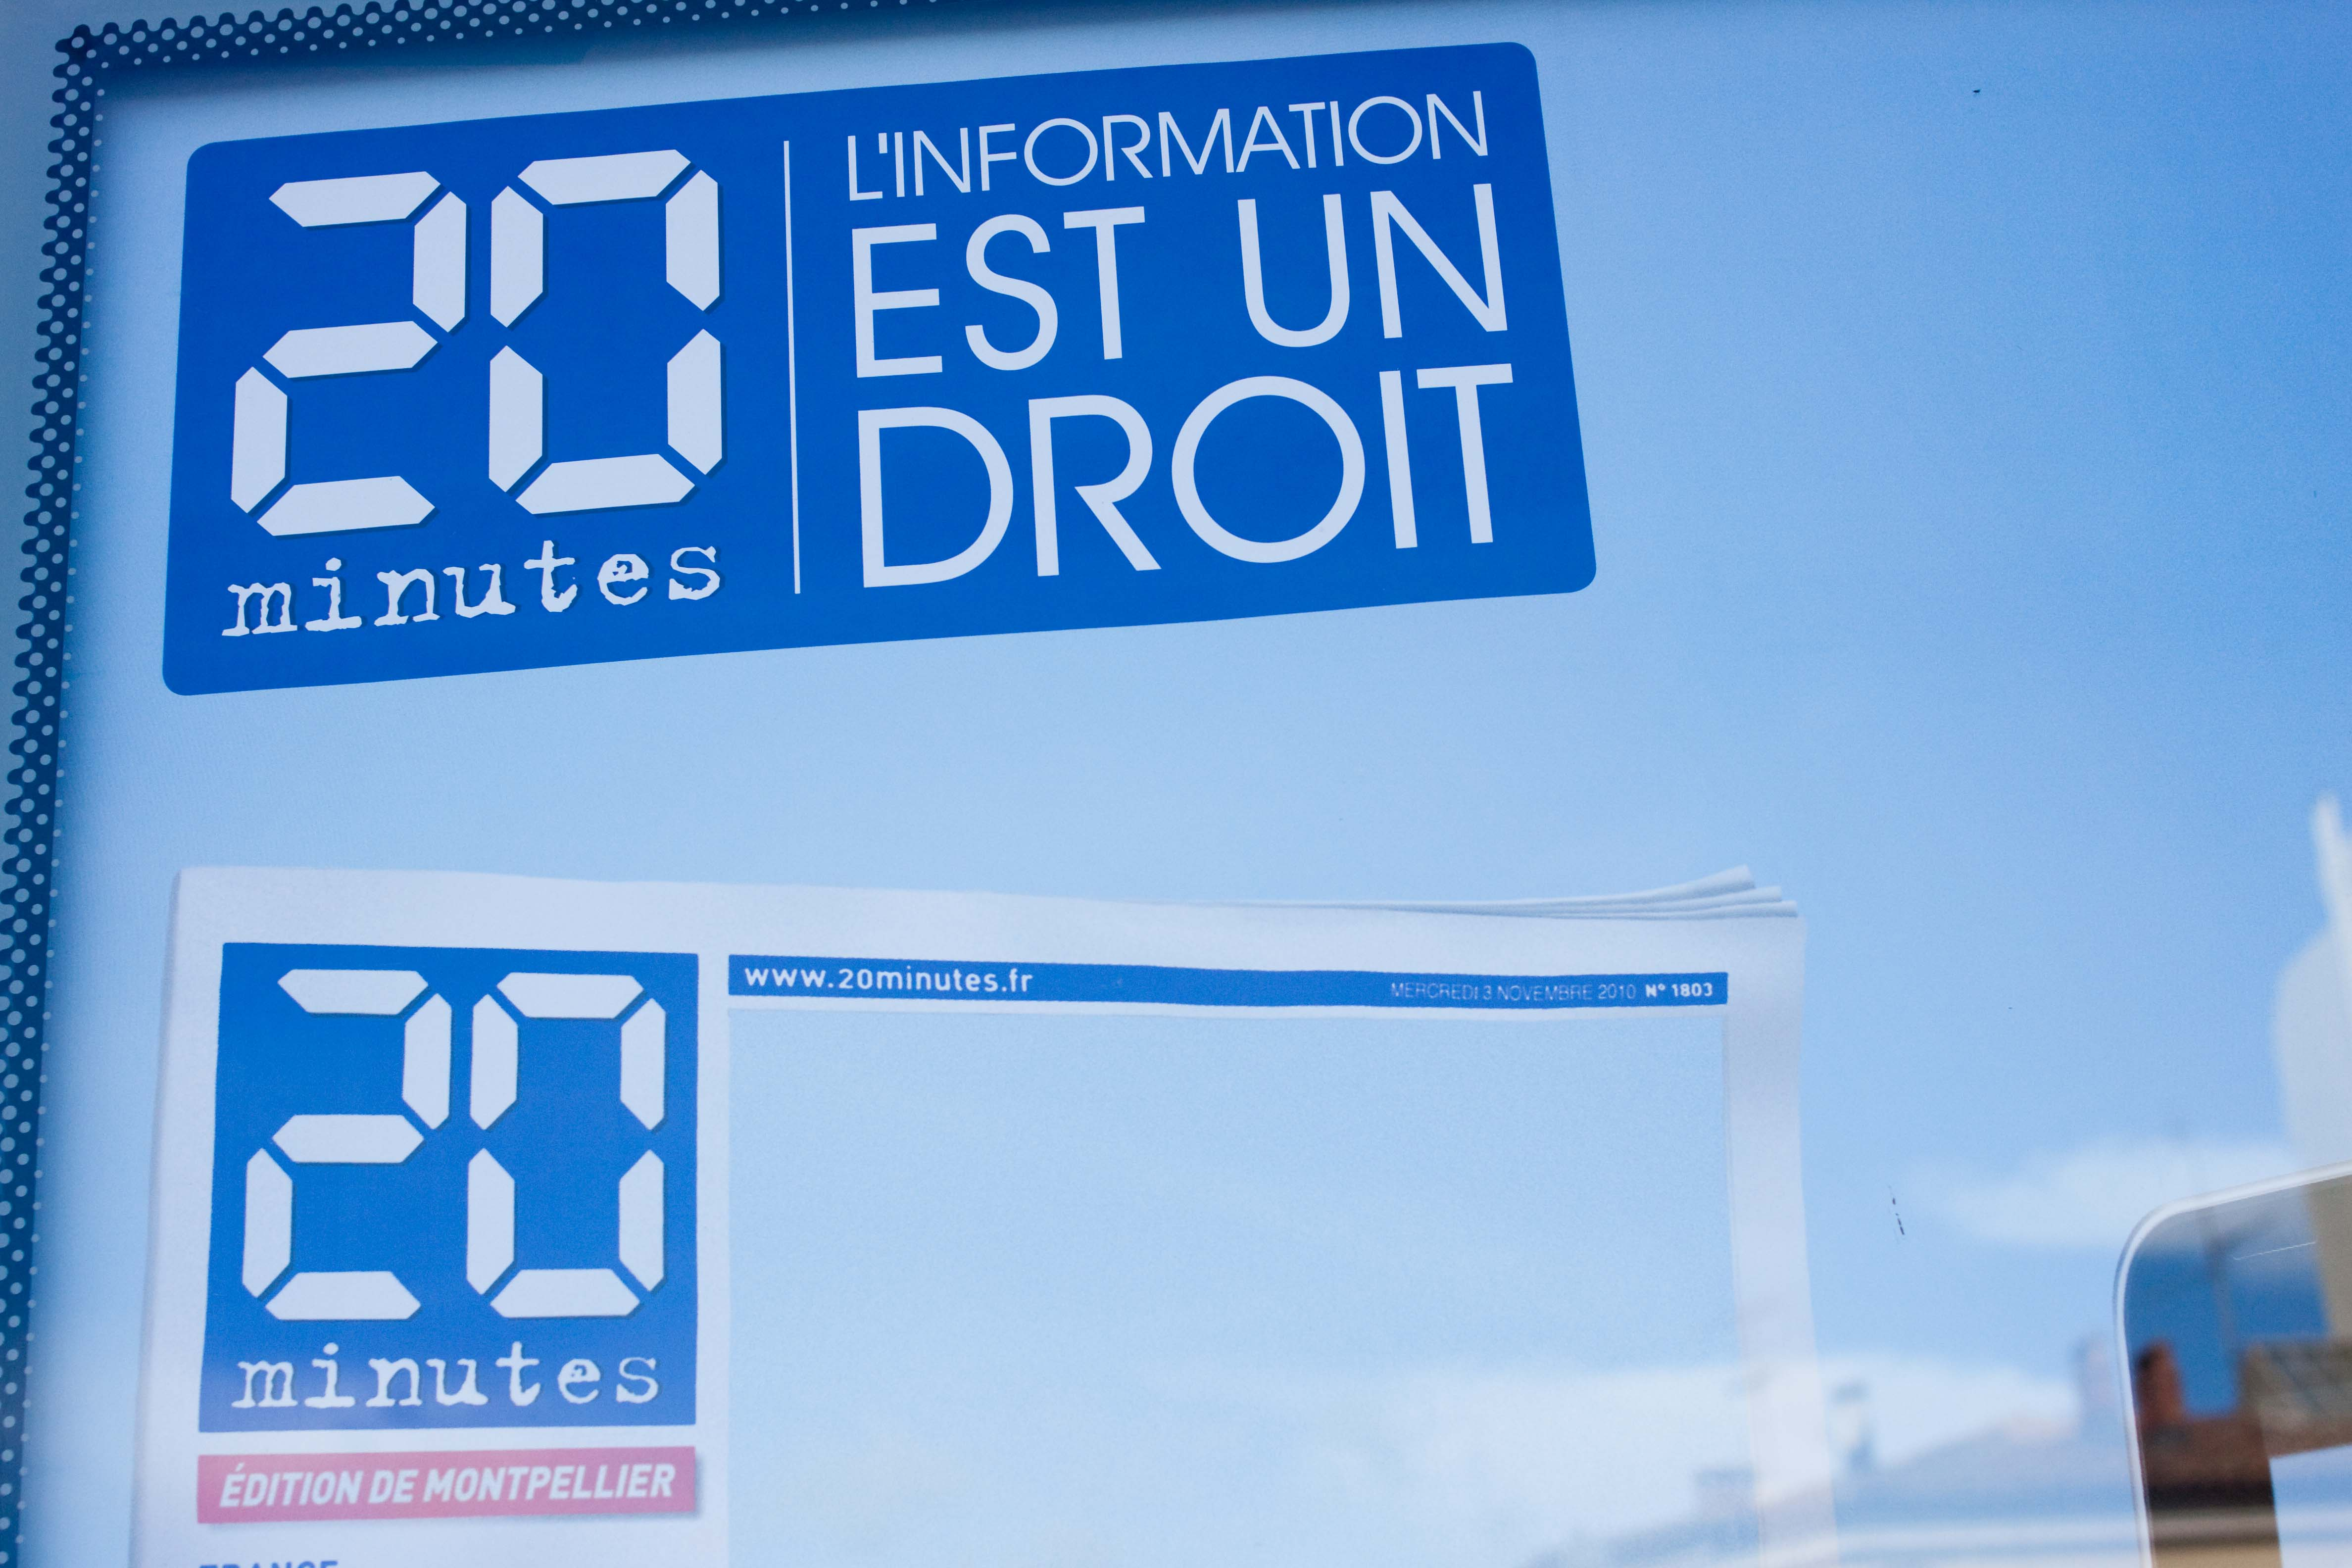 Publicité pour 20 minutes le 3 novembre 2010 à Montpellier (photo : J.-O. T.)